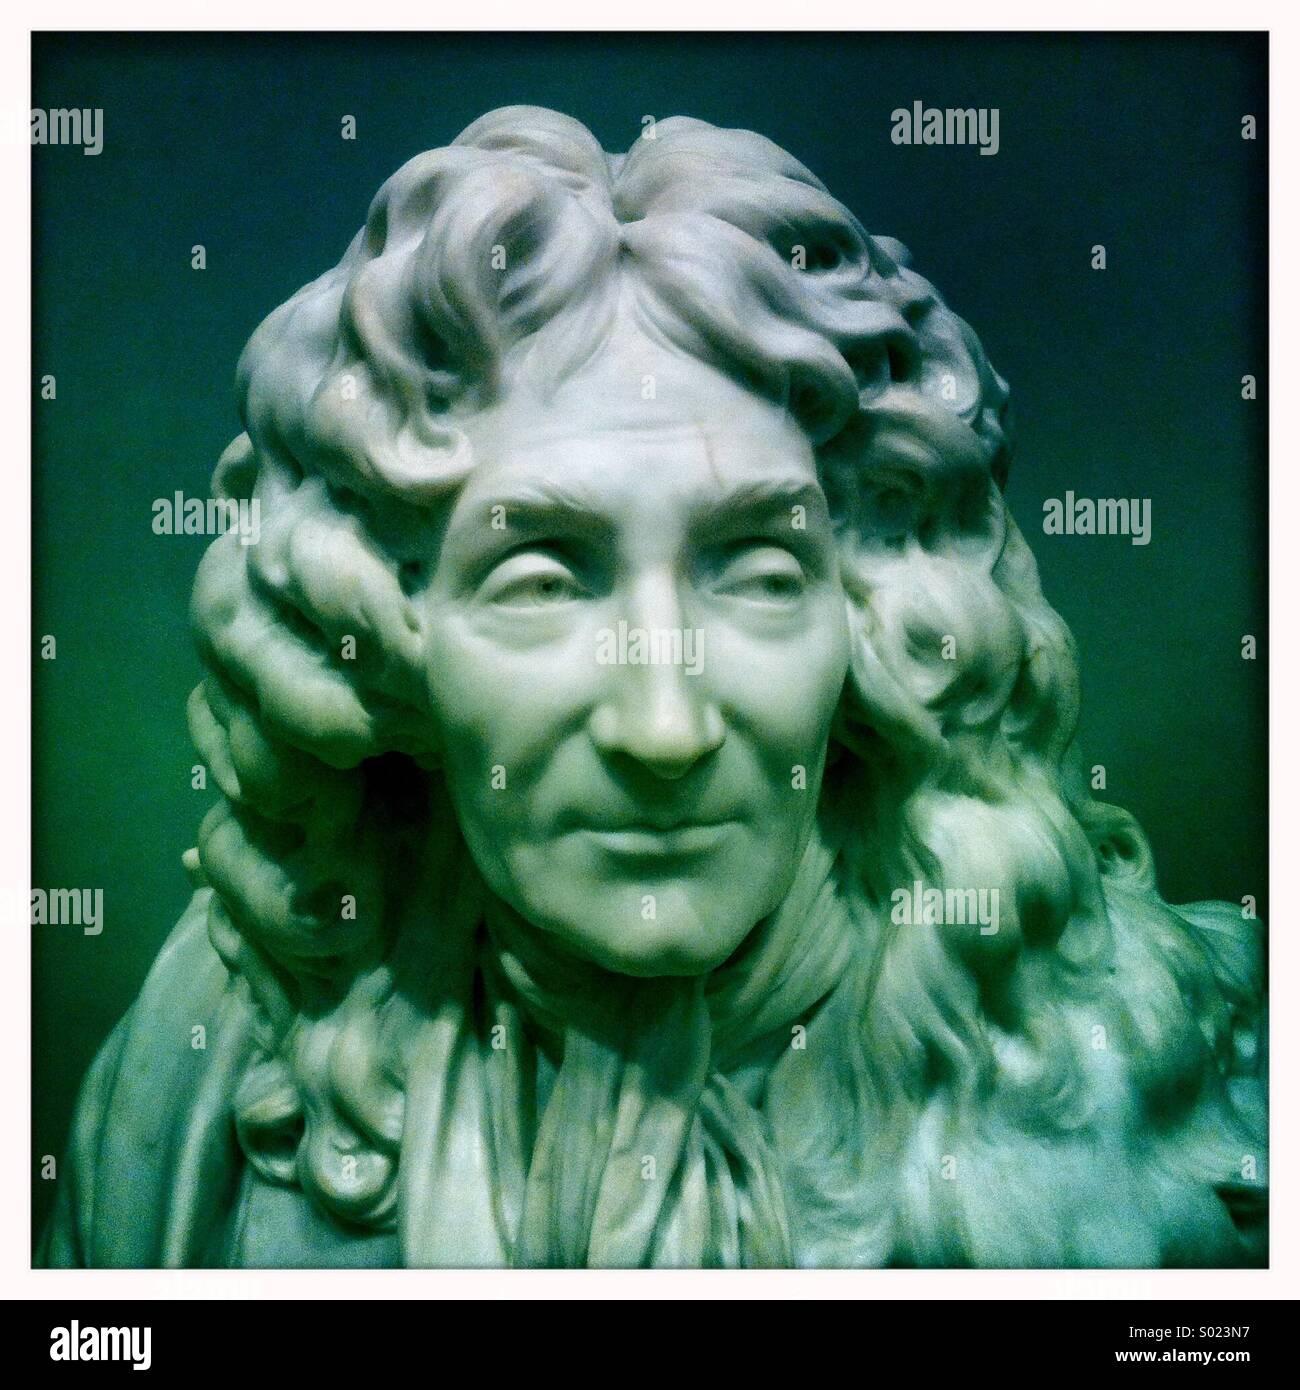 Statua in marmo di un uomo. Immagini Stock